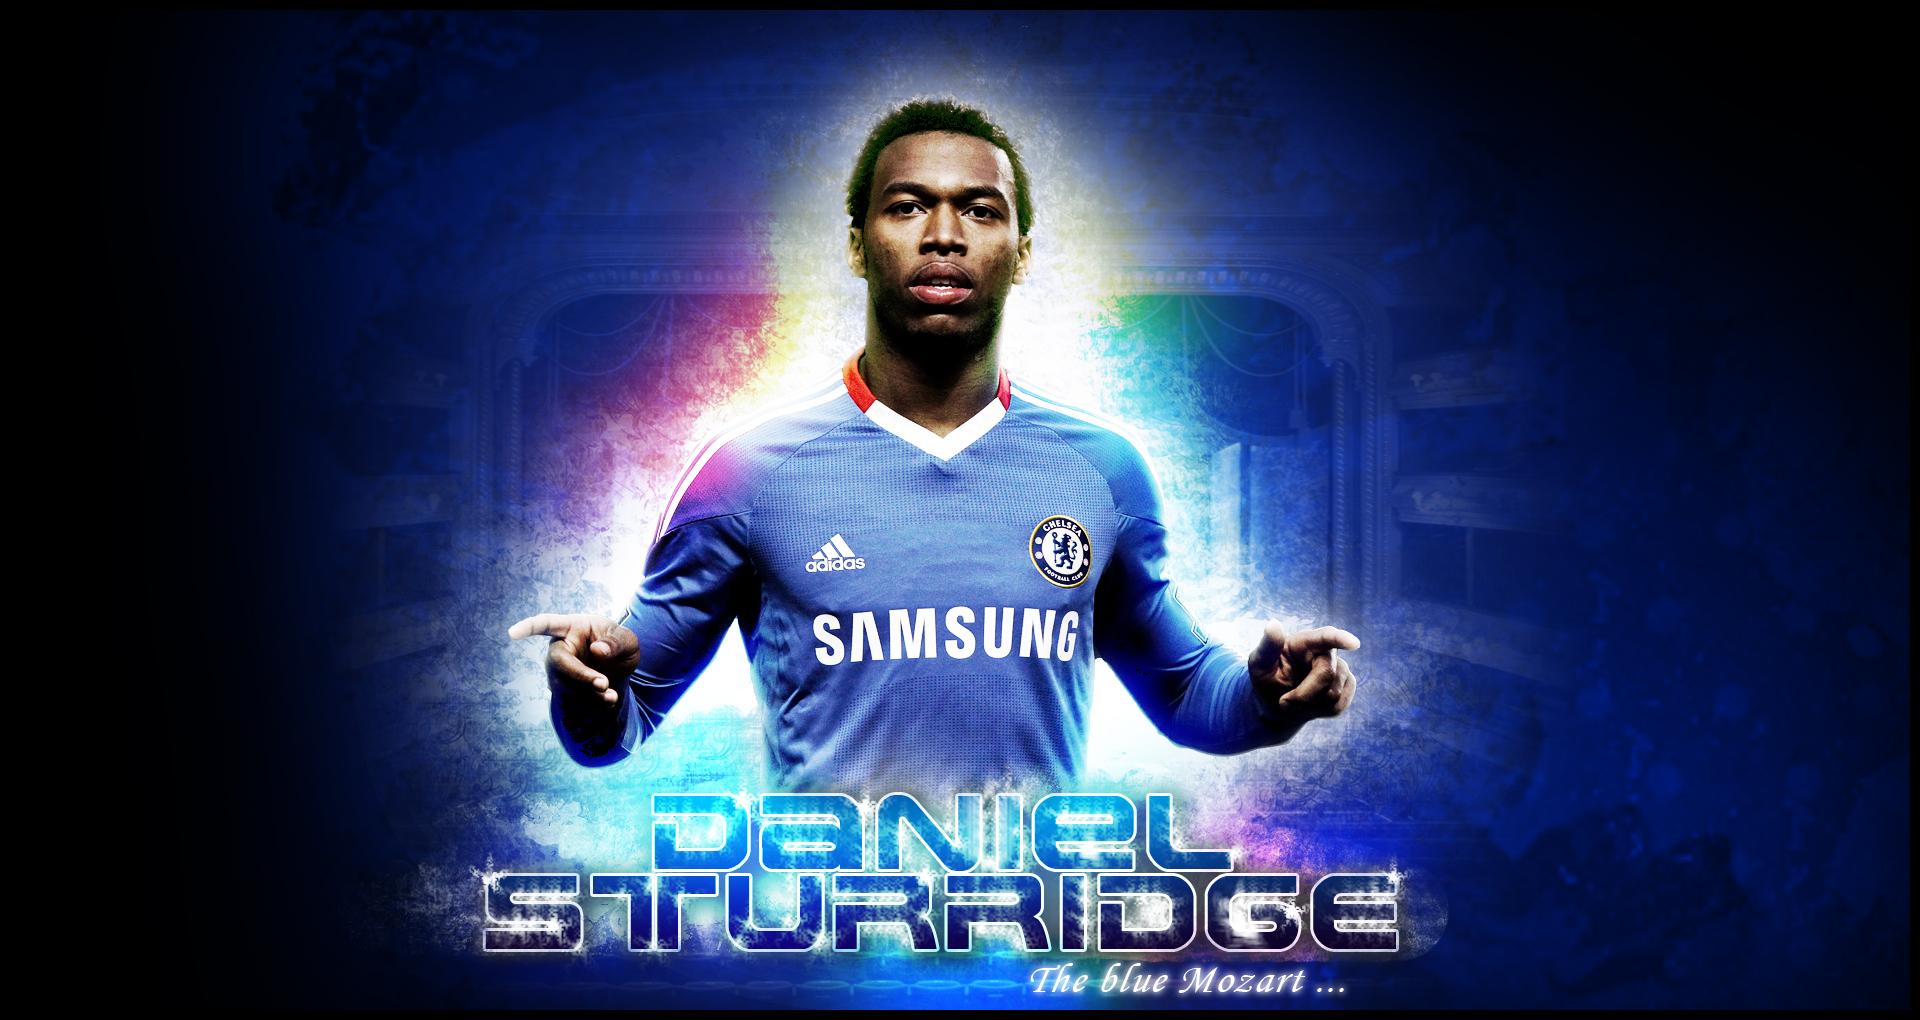 Daniel Sturridge